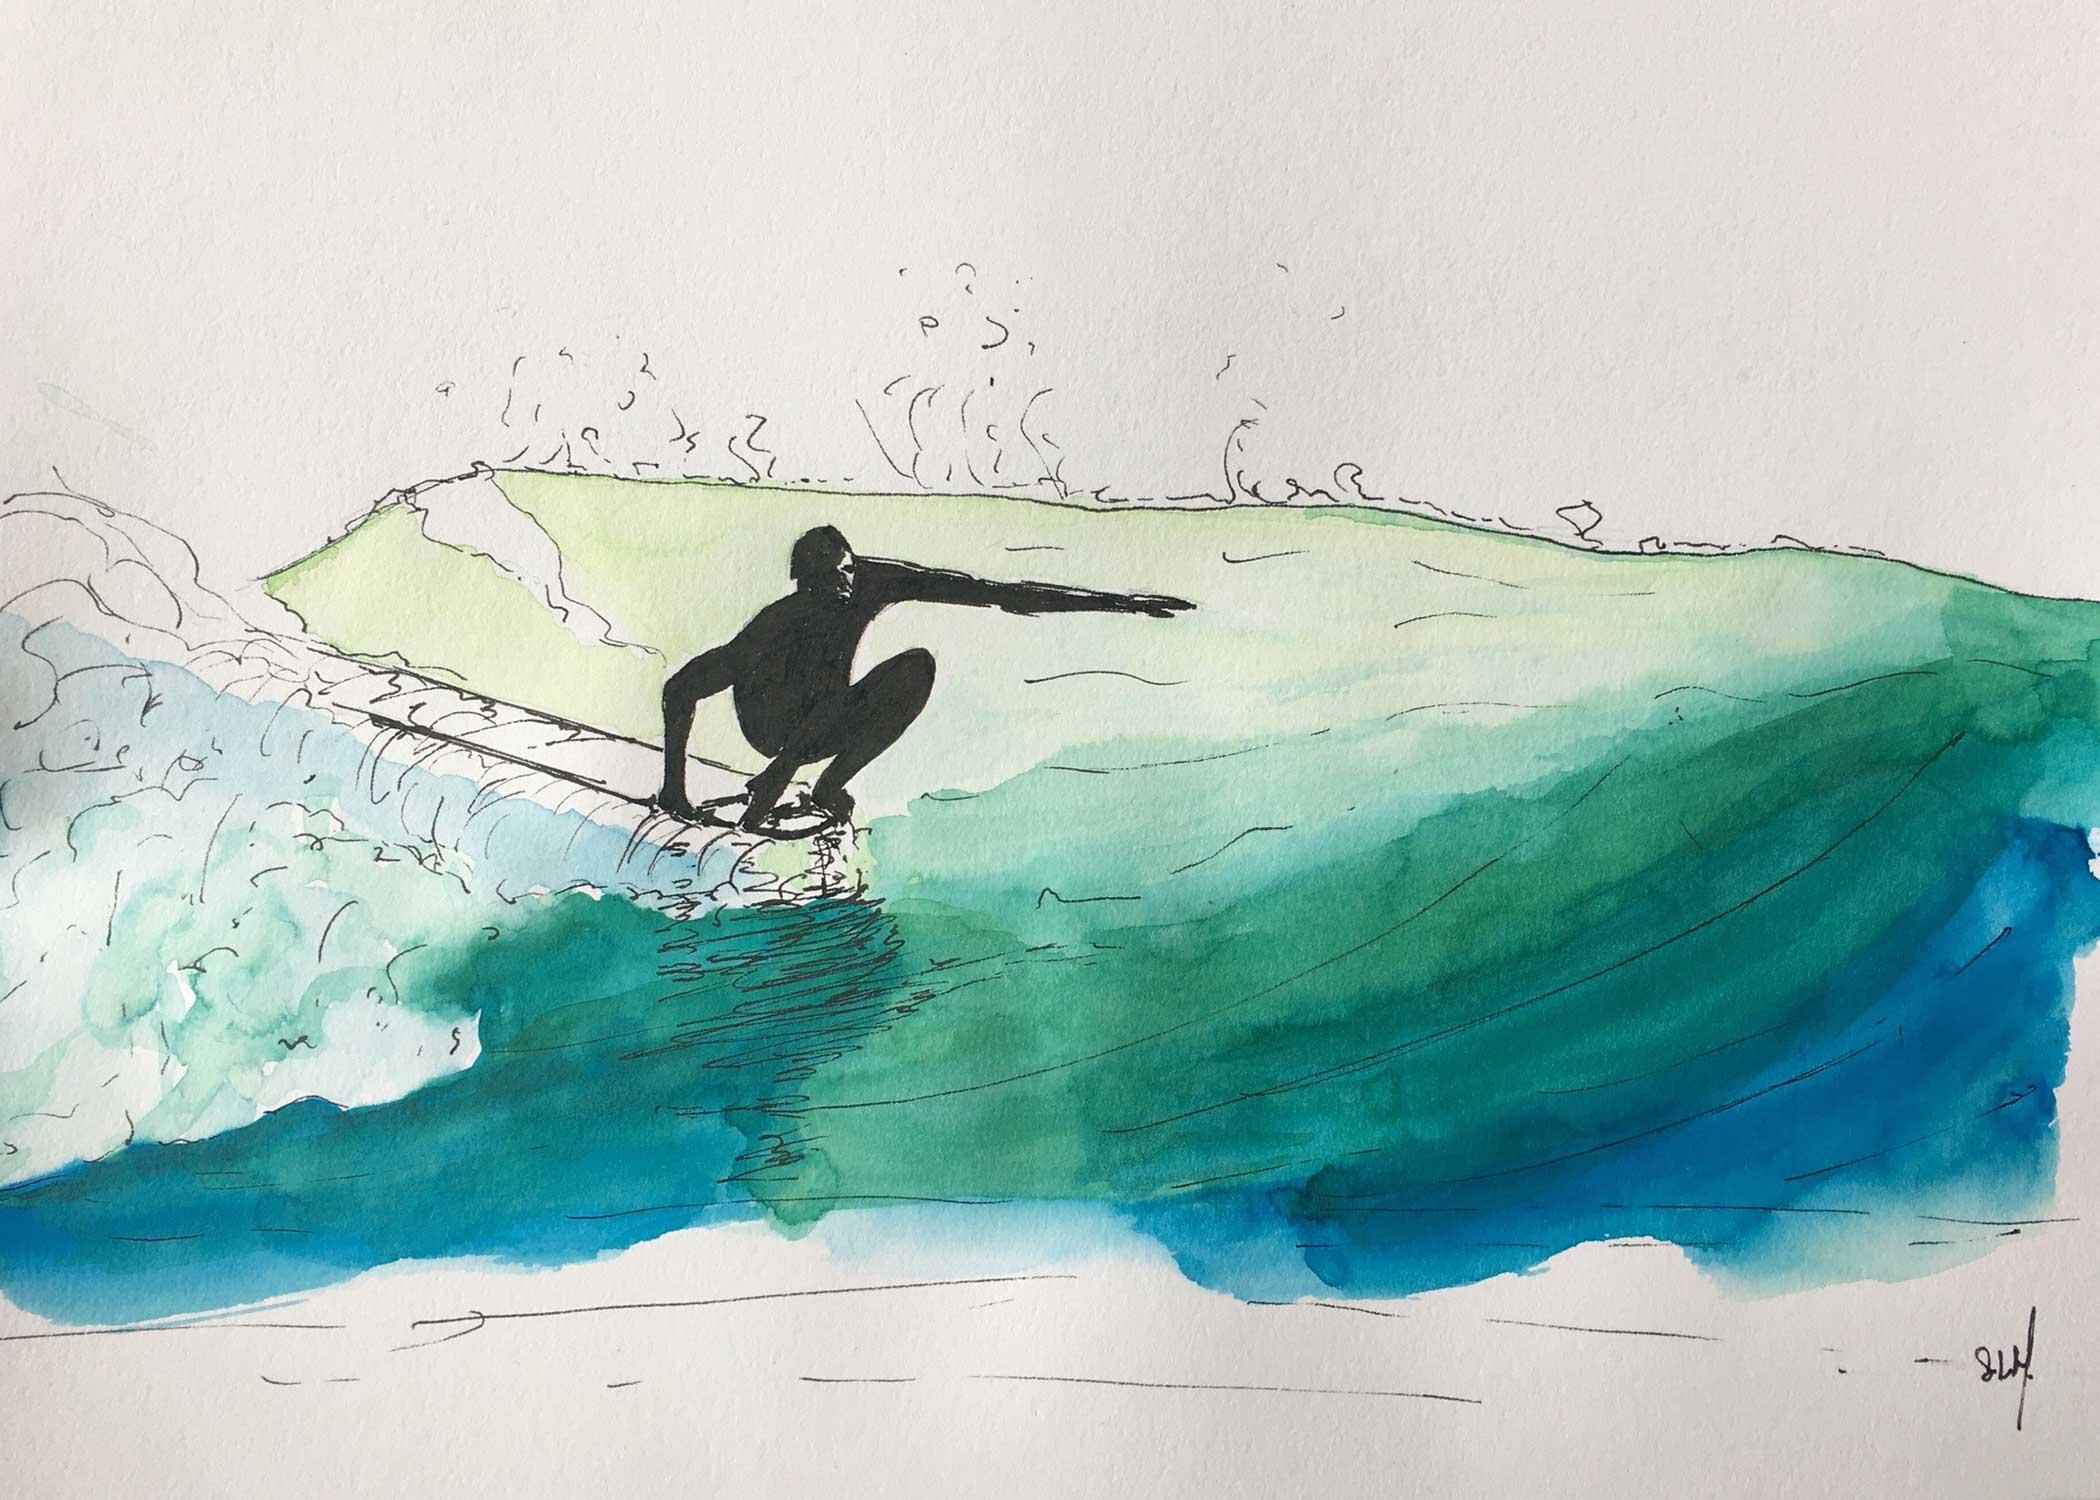 Monkey Surfing Encre et Aquarelle sur papier A4 (24cm x 29,7cm) 2018